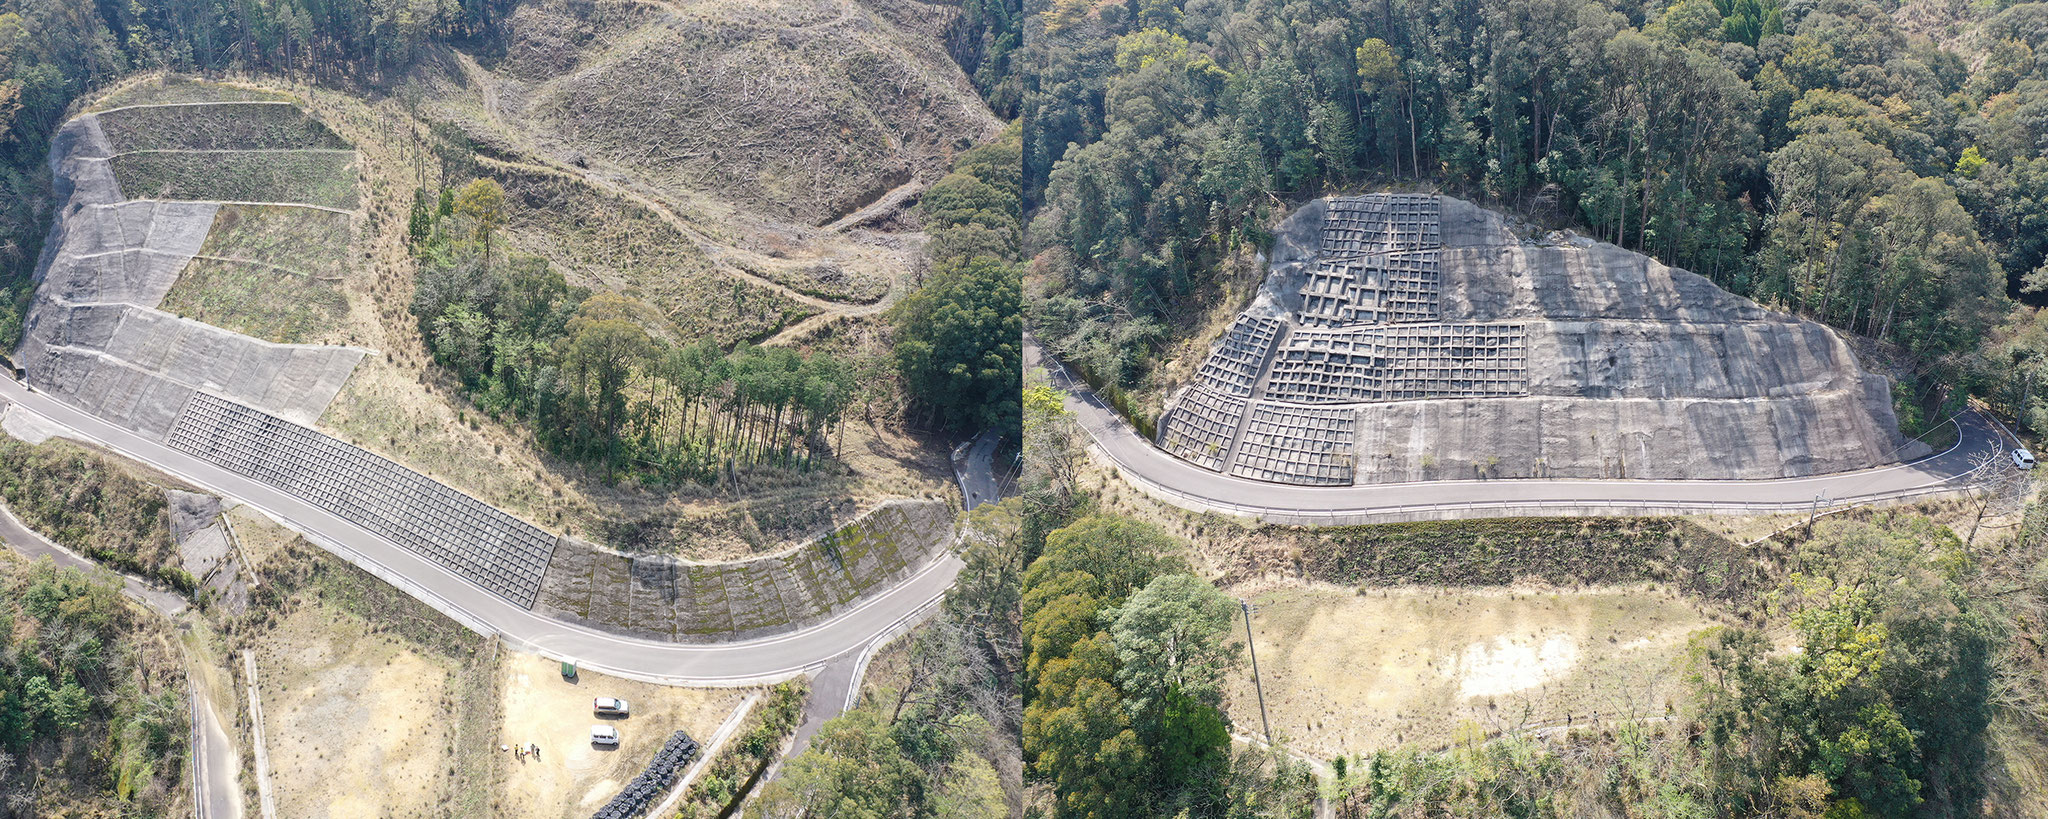 鶴田ダム再開発付替道路実施設計業務